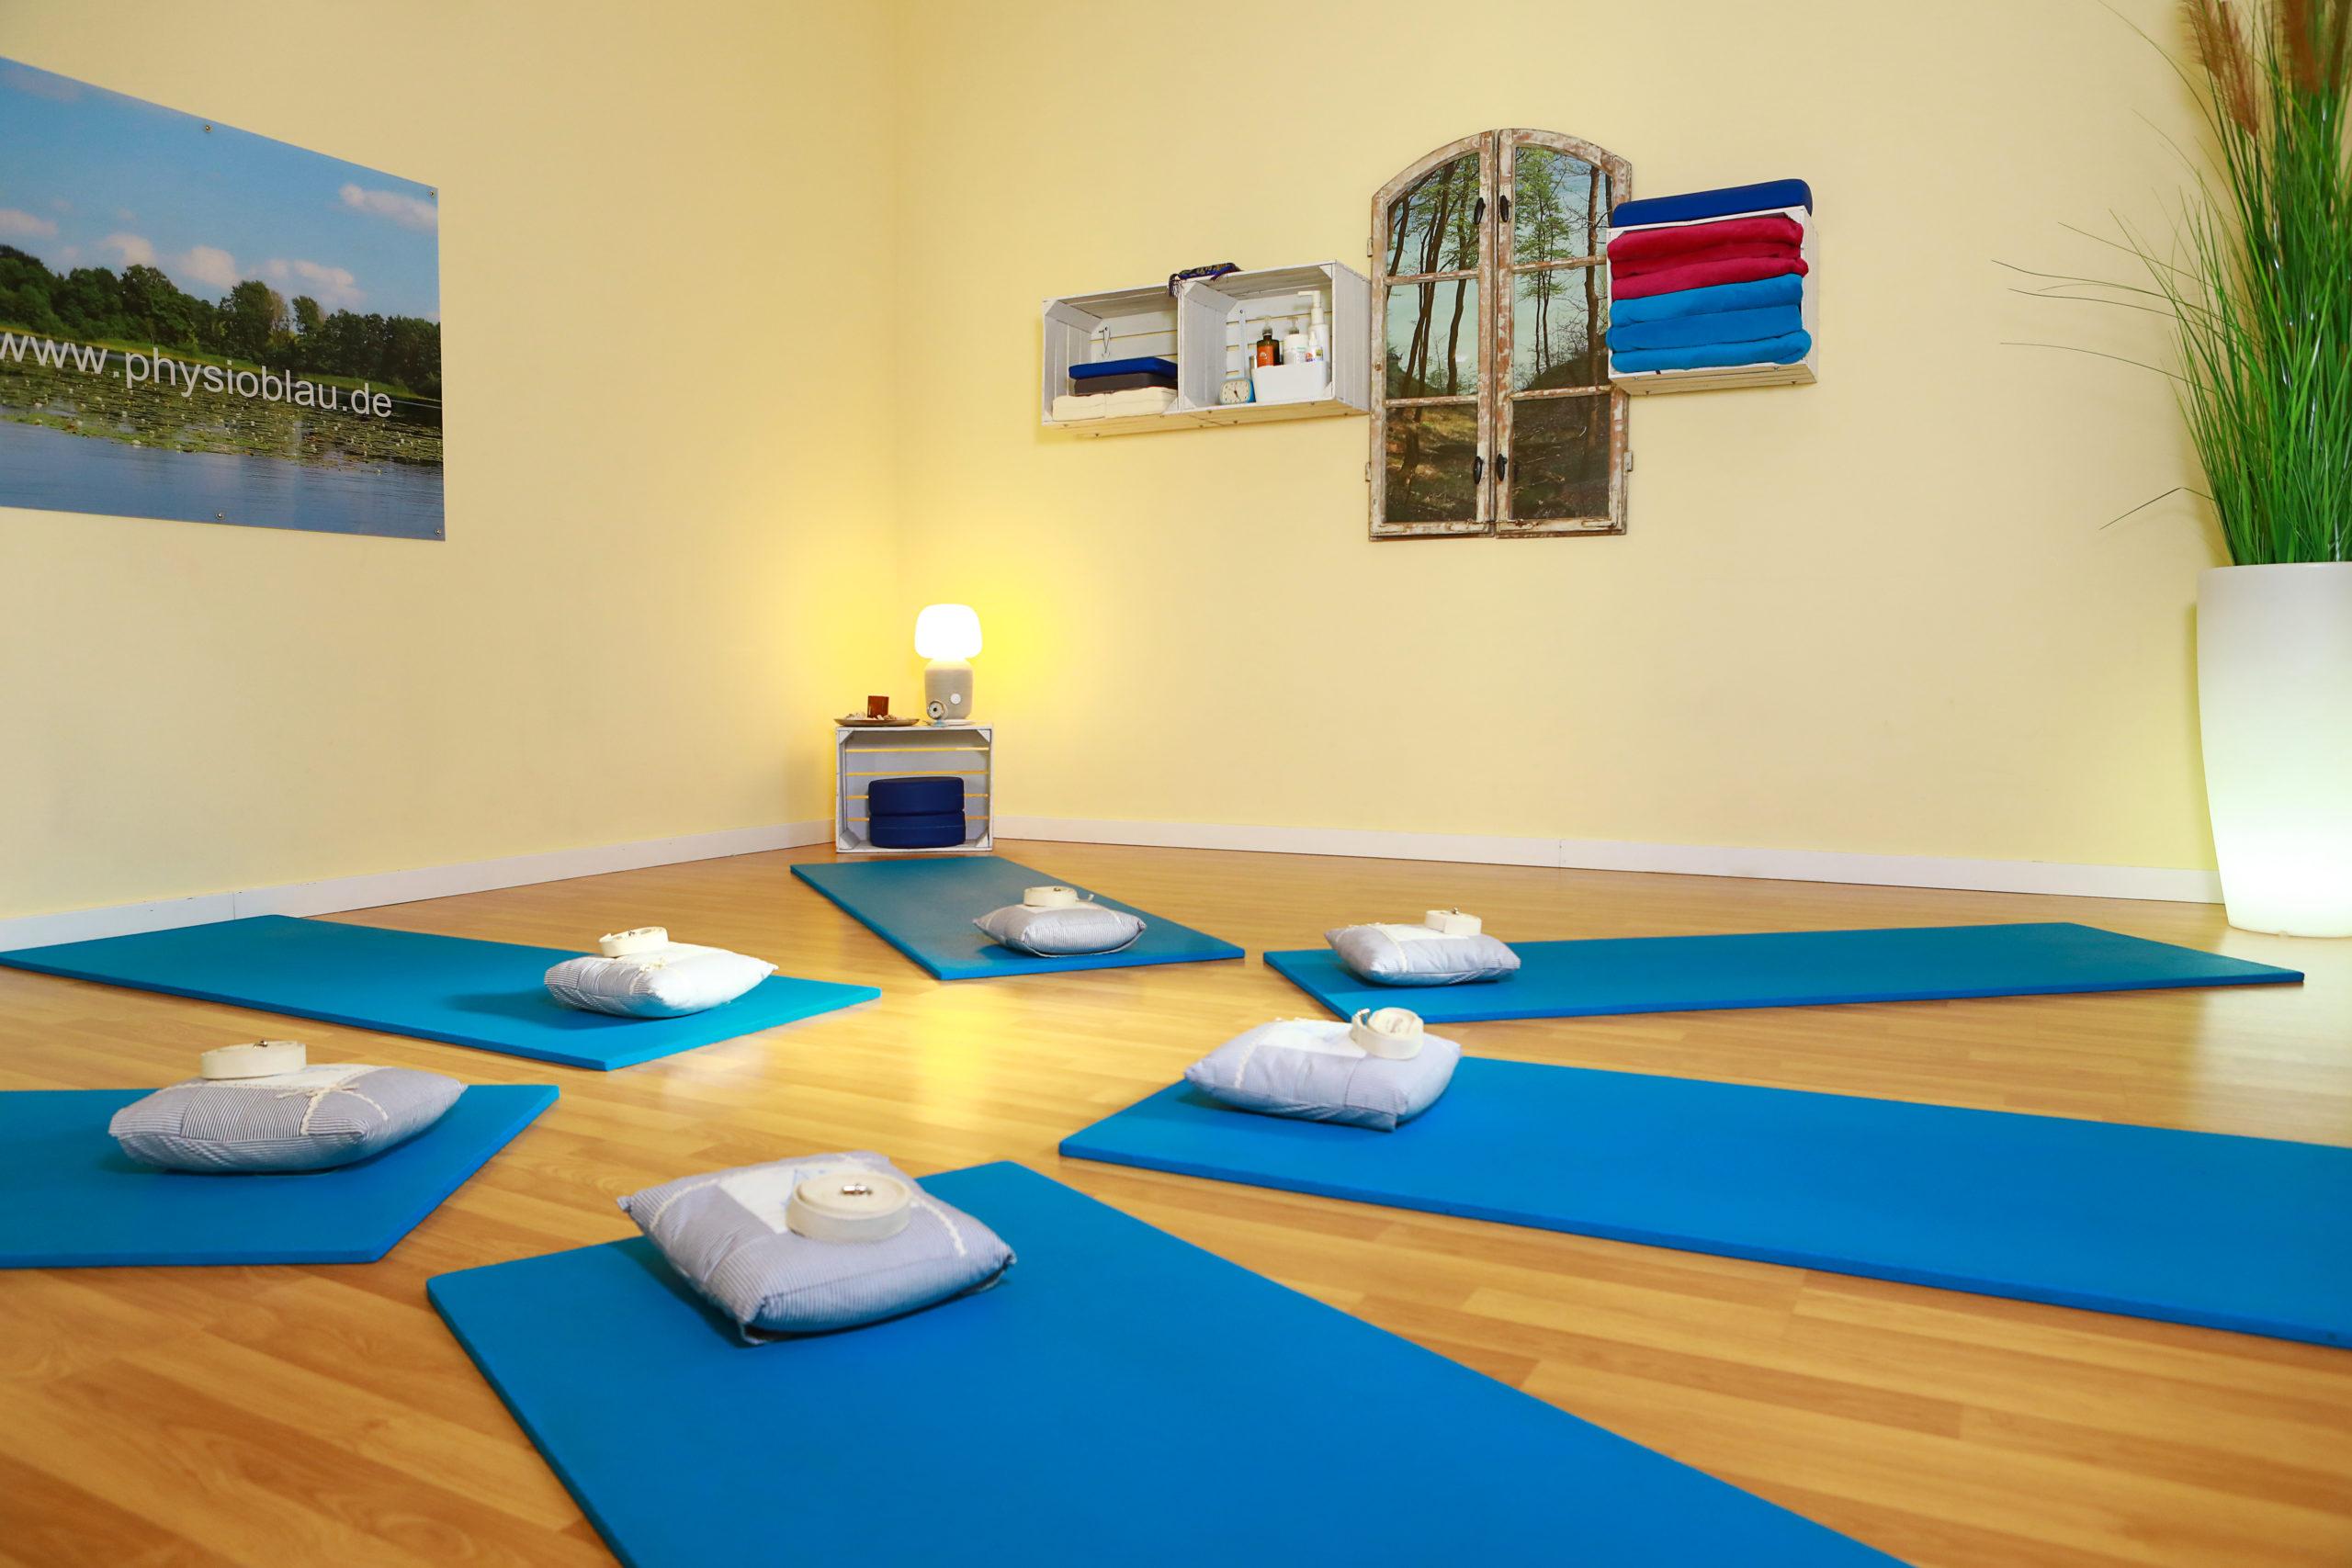 Yogakurse bei Physio Blau in Potsdam